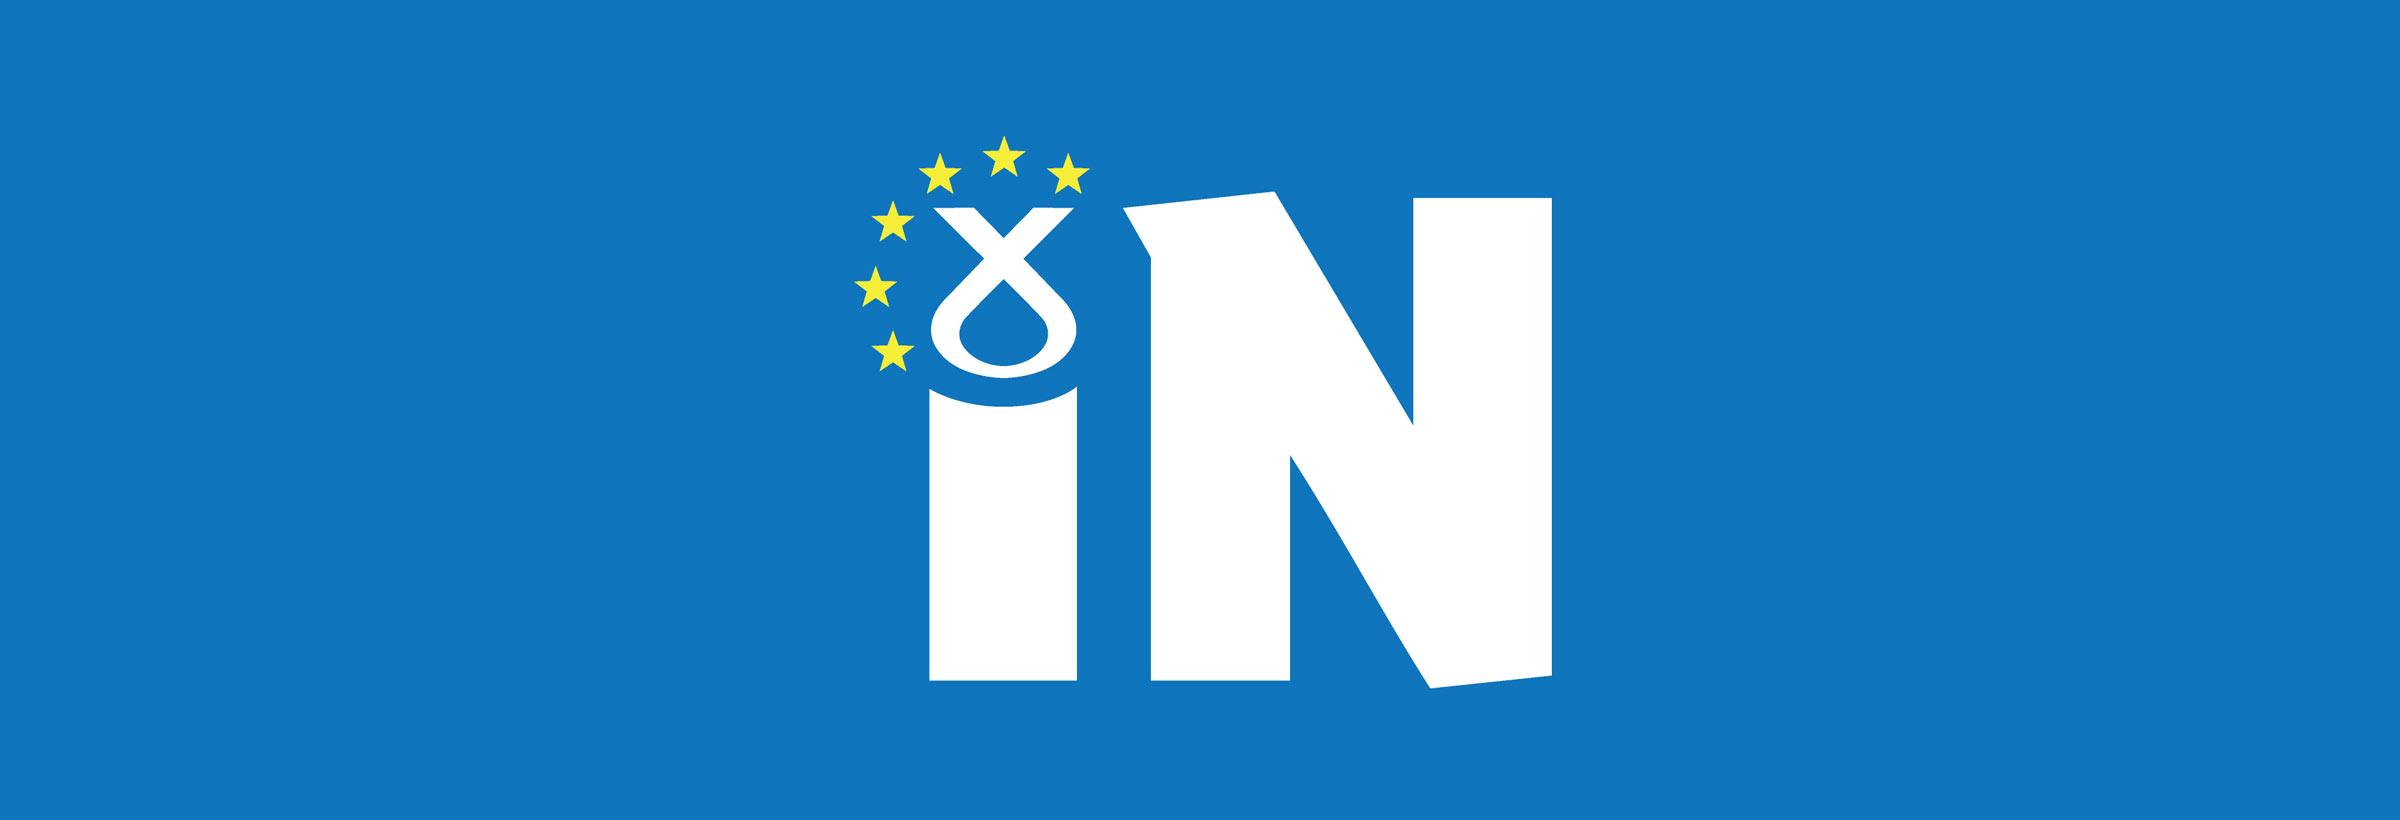 Vote Remain - The SNP